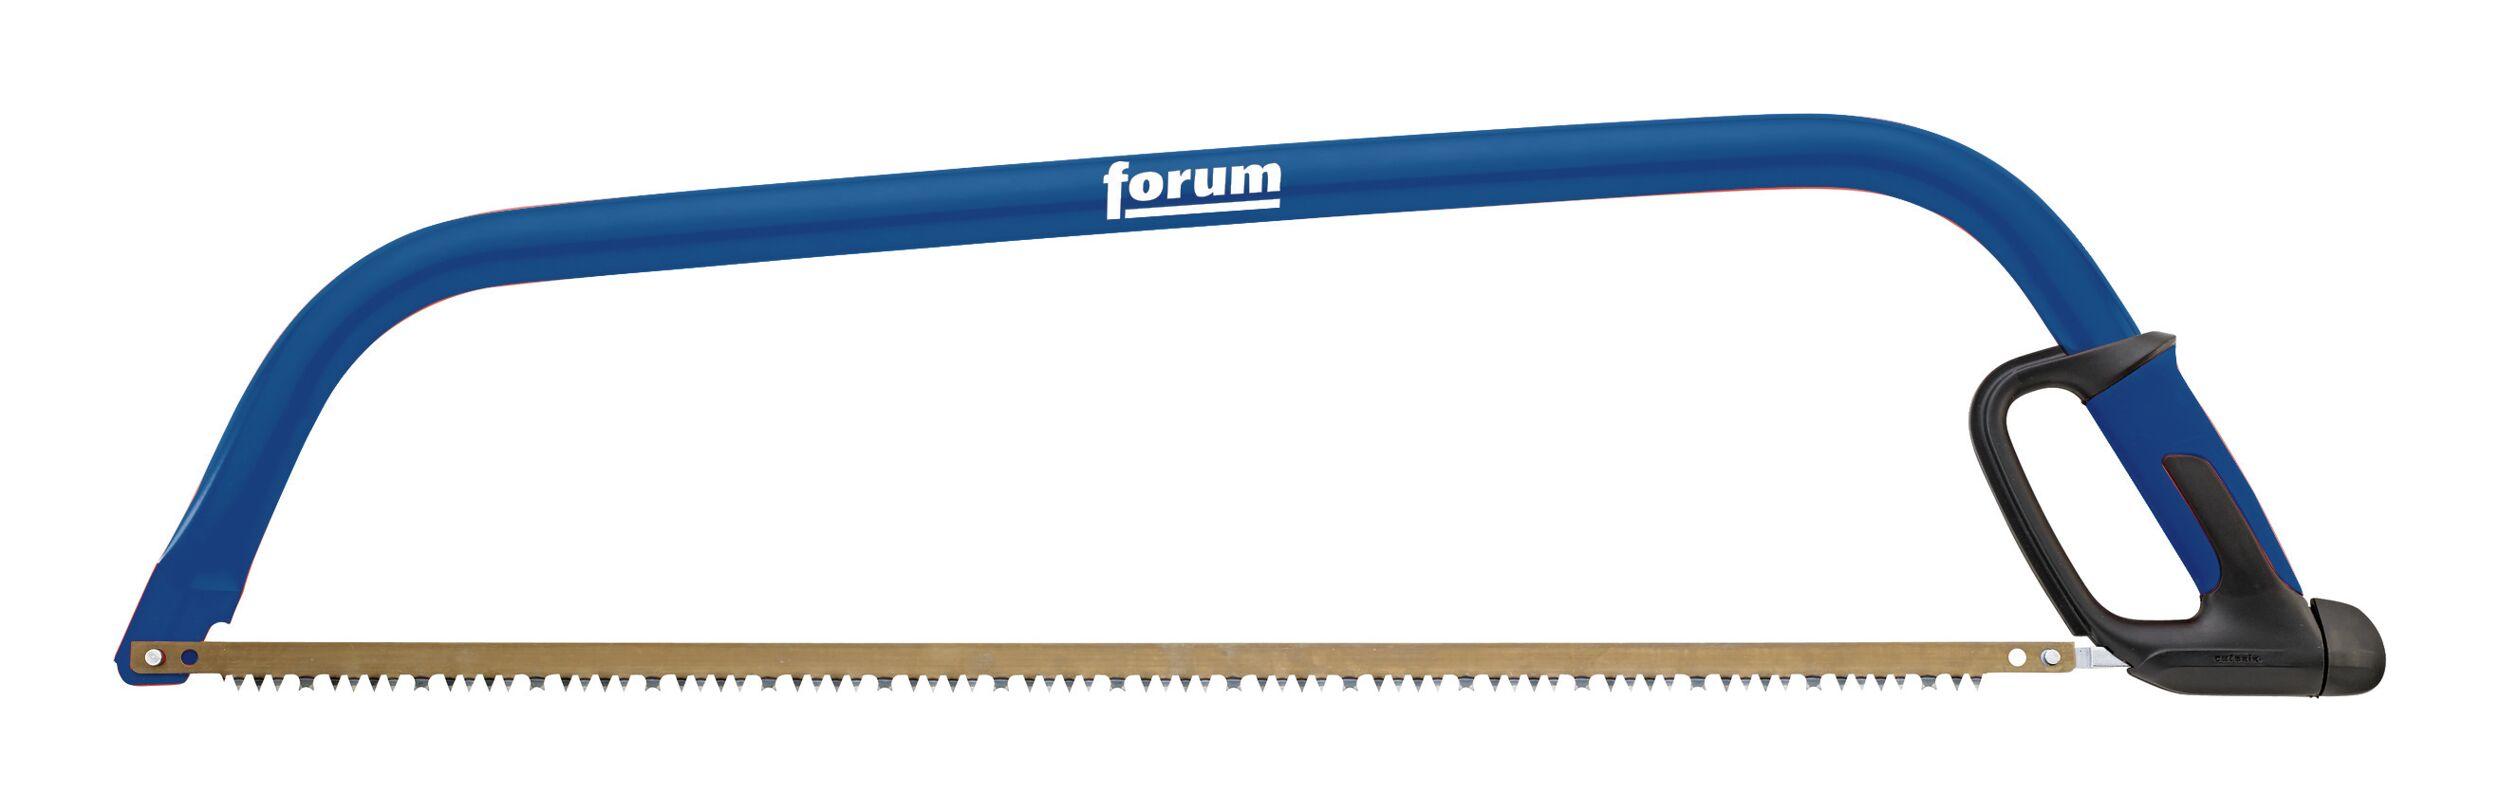 Forum Bügelsäge mit 2-K-Griff 762 mm